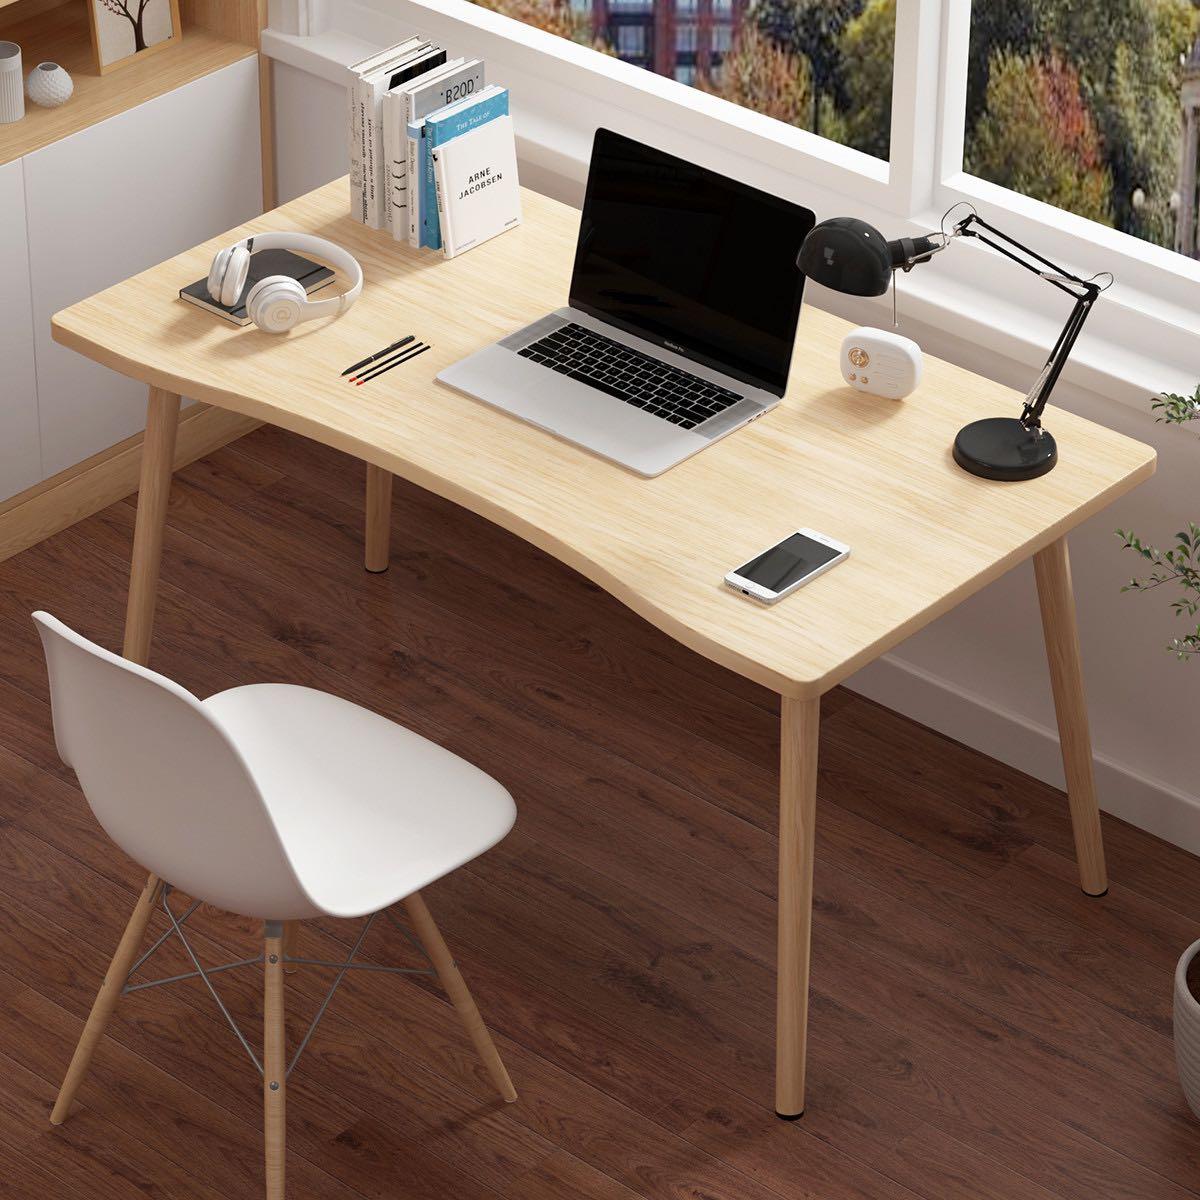 亿家达 DNZ0027 简约台式电脑桌 70*40*72cm